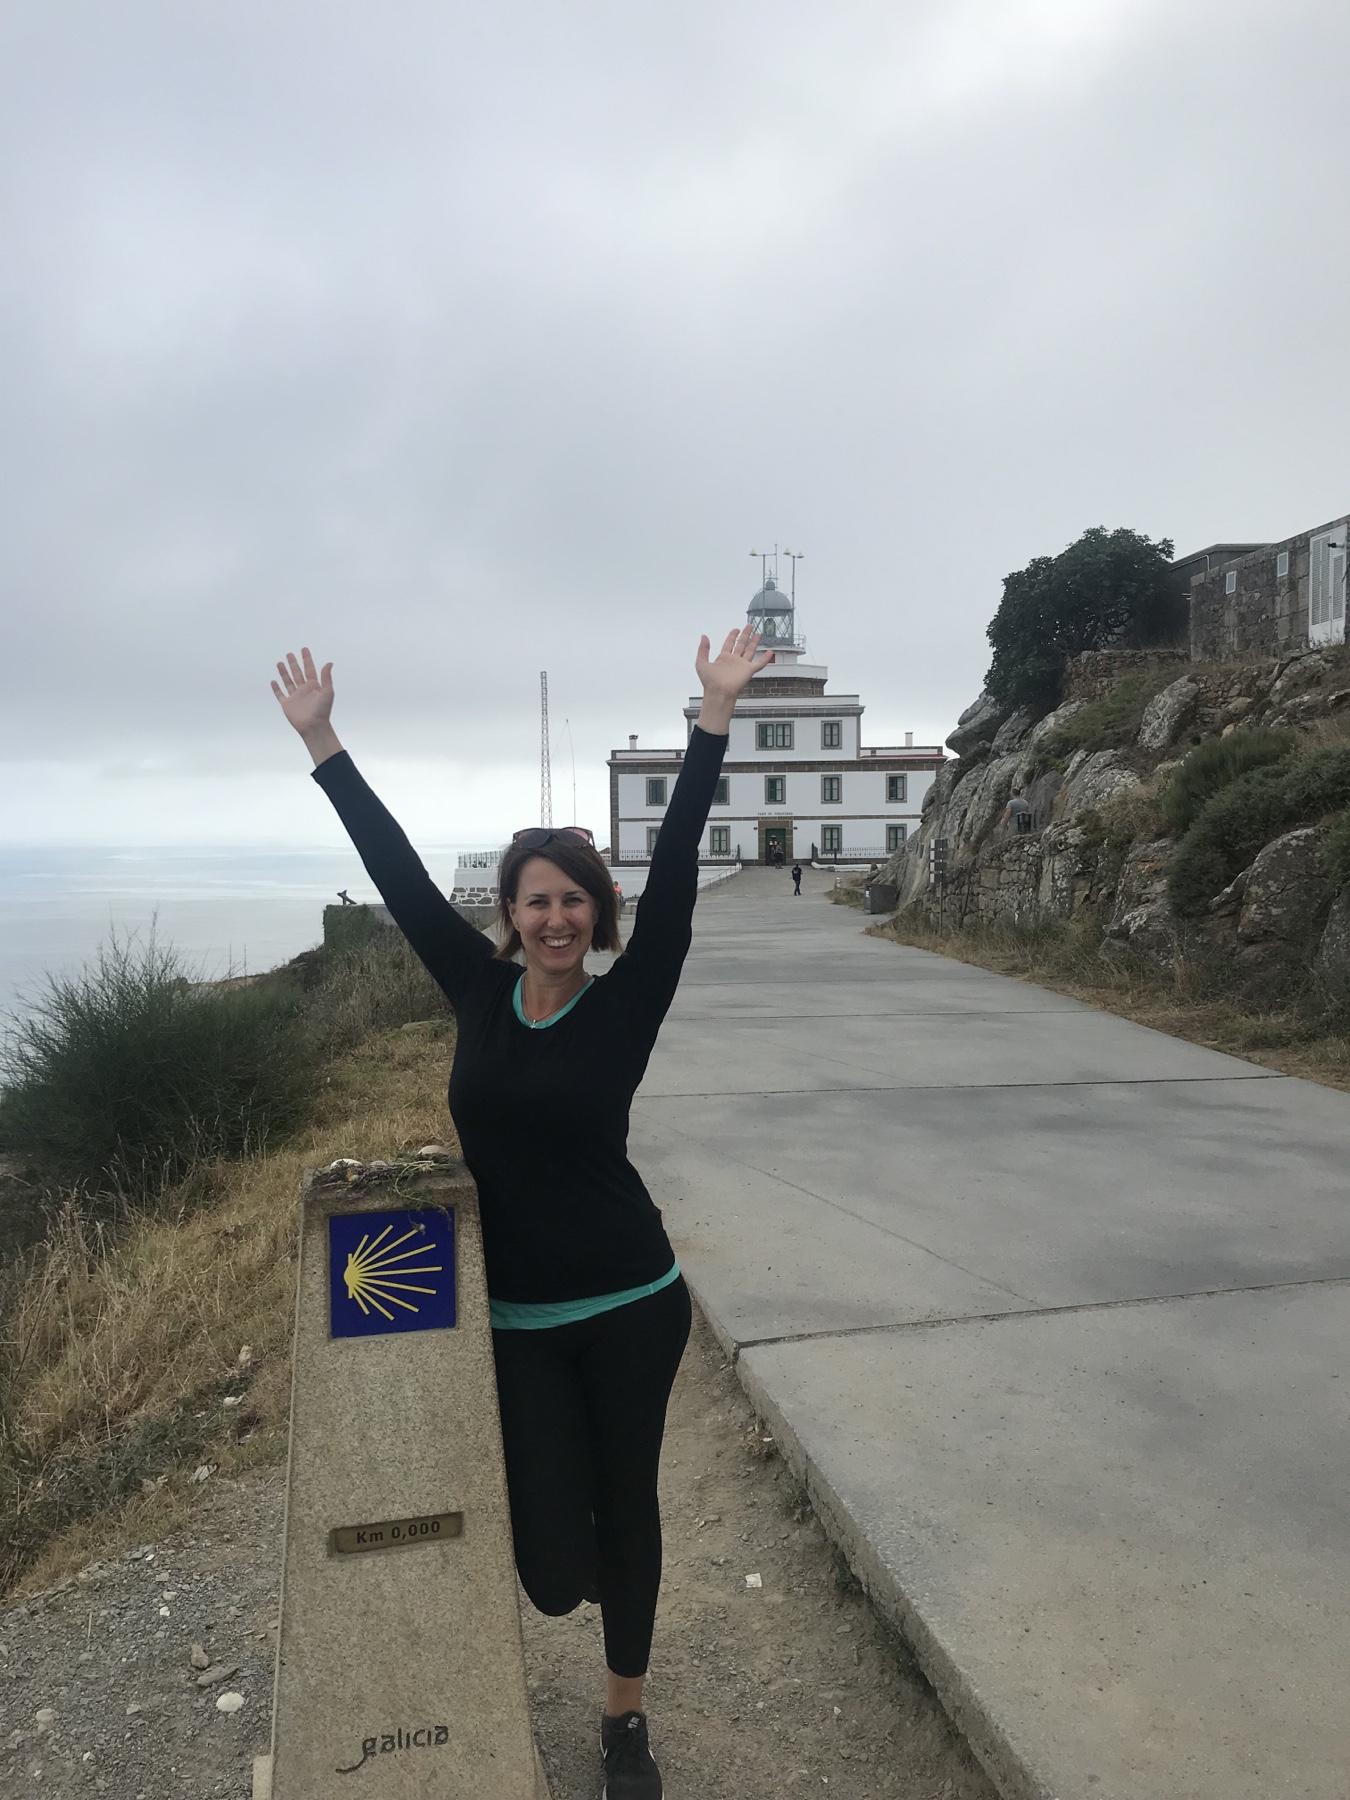 Katalin am Ende der Welt in Finisterre